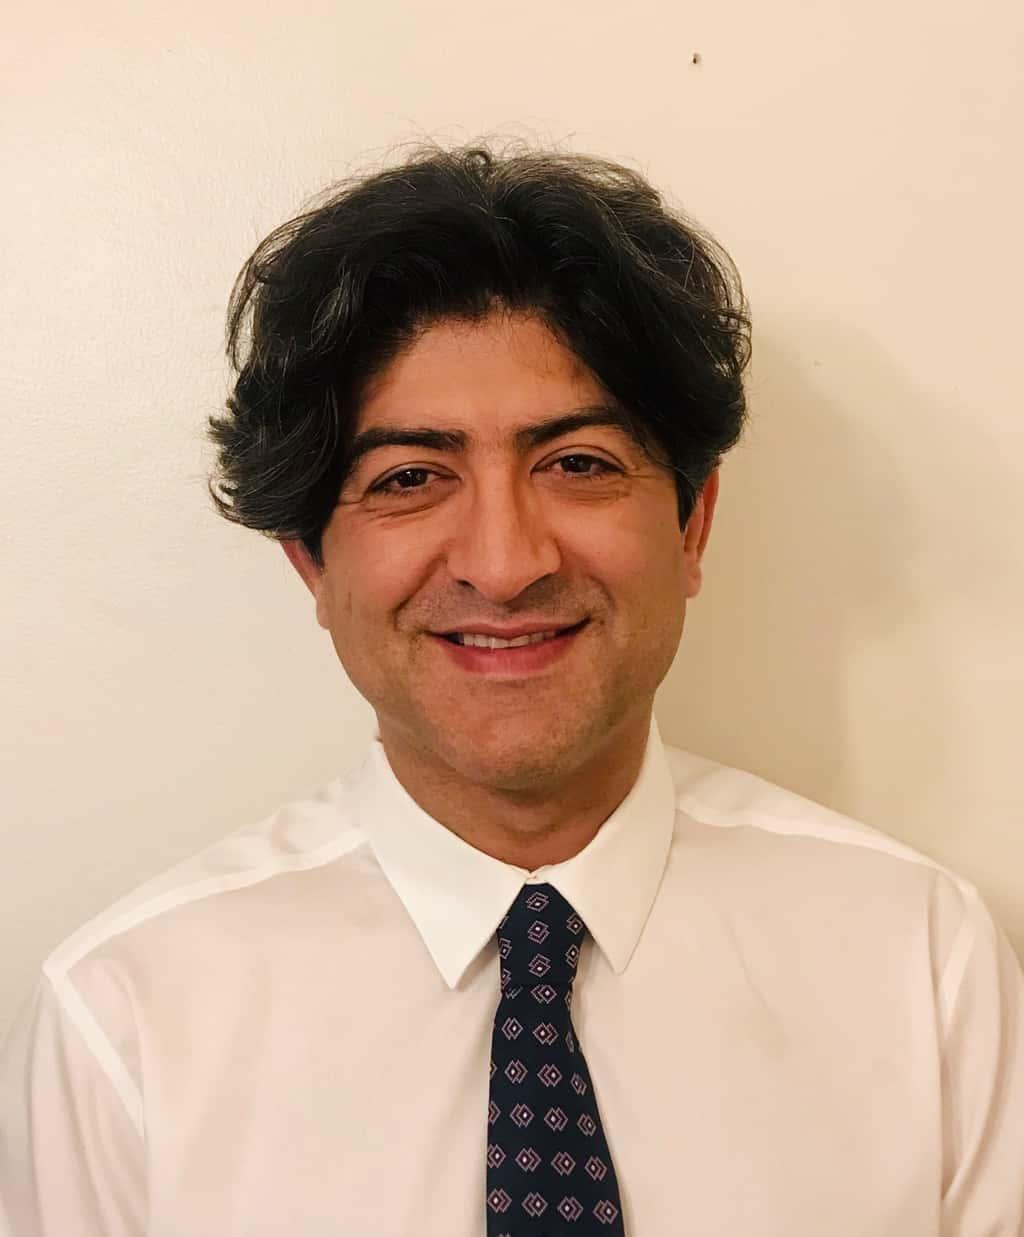 Dr. Roozbeh Badii